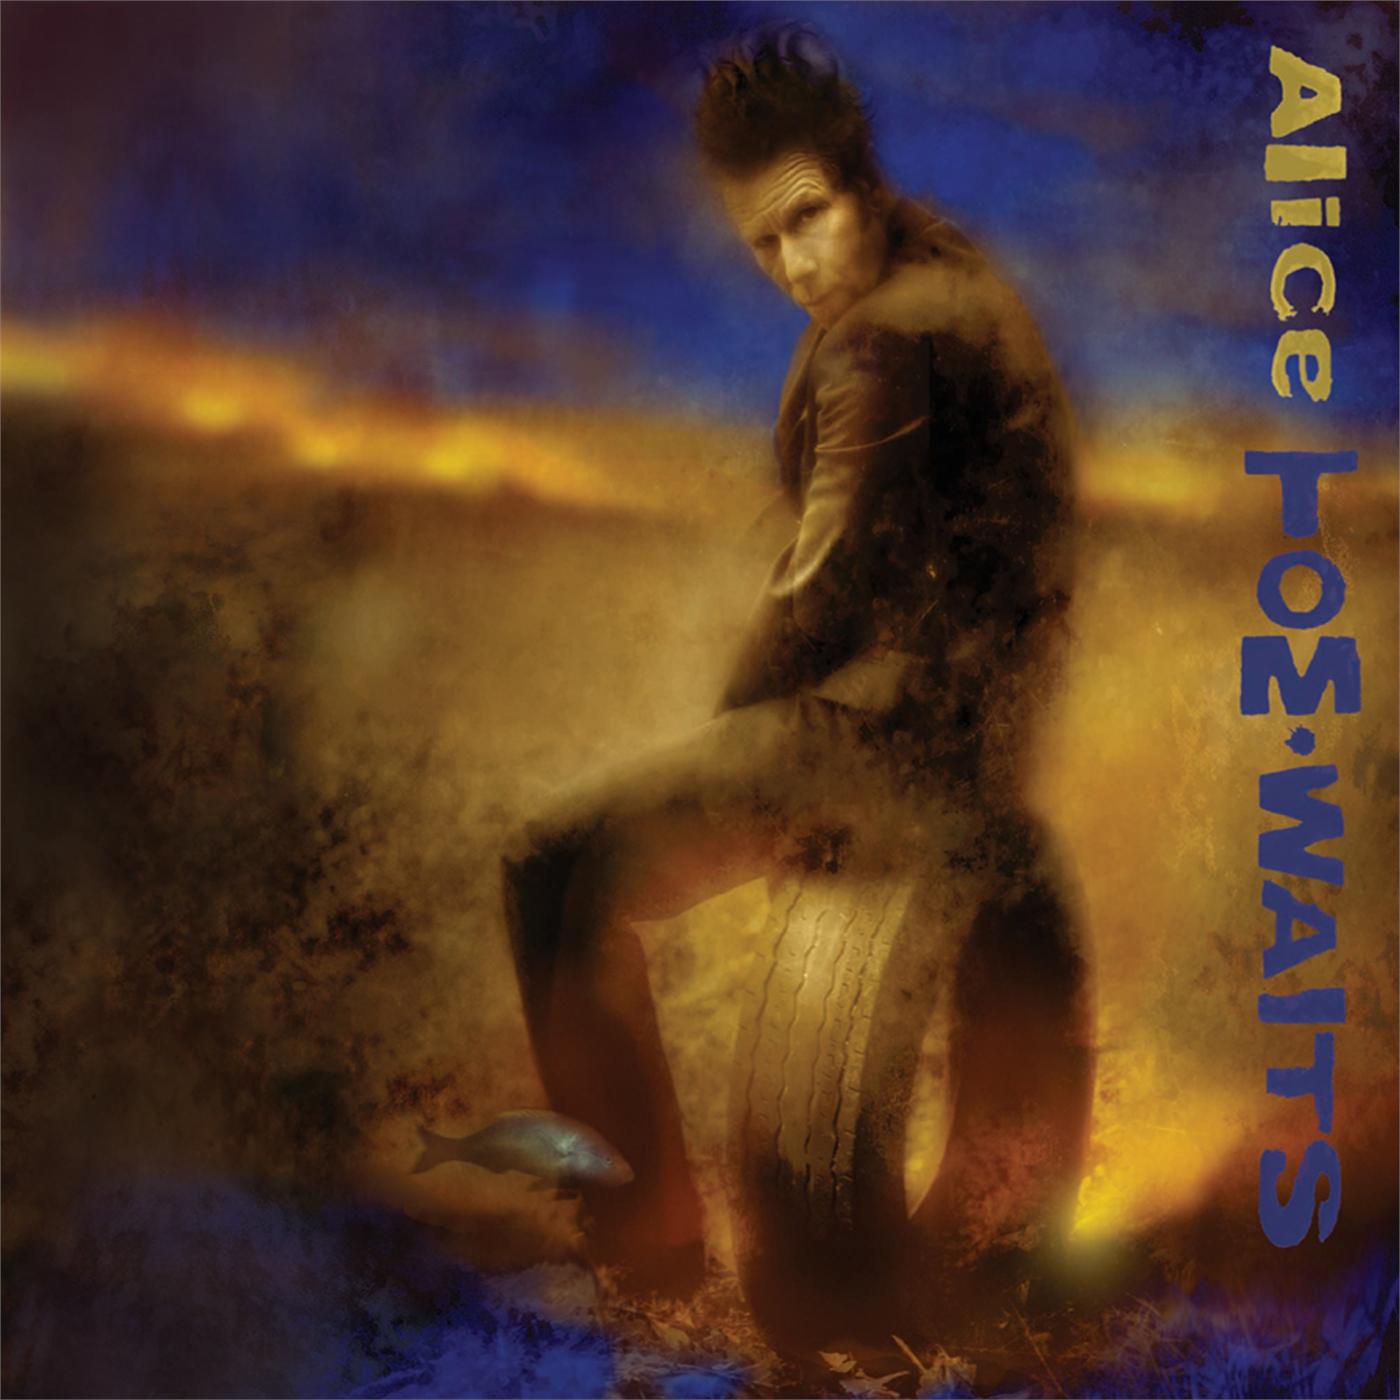 Tom Waits – Alice [2xLP]